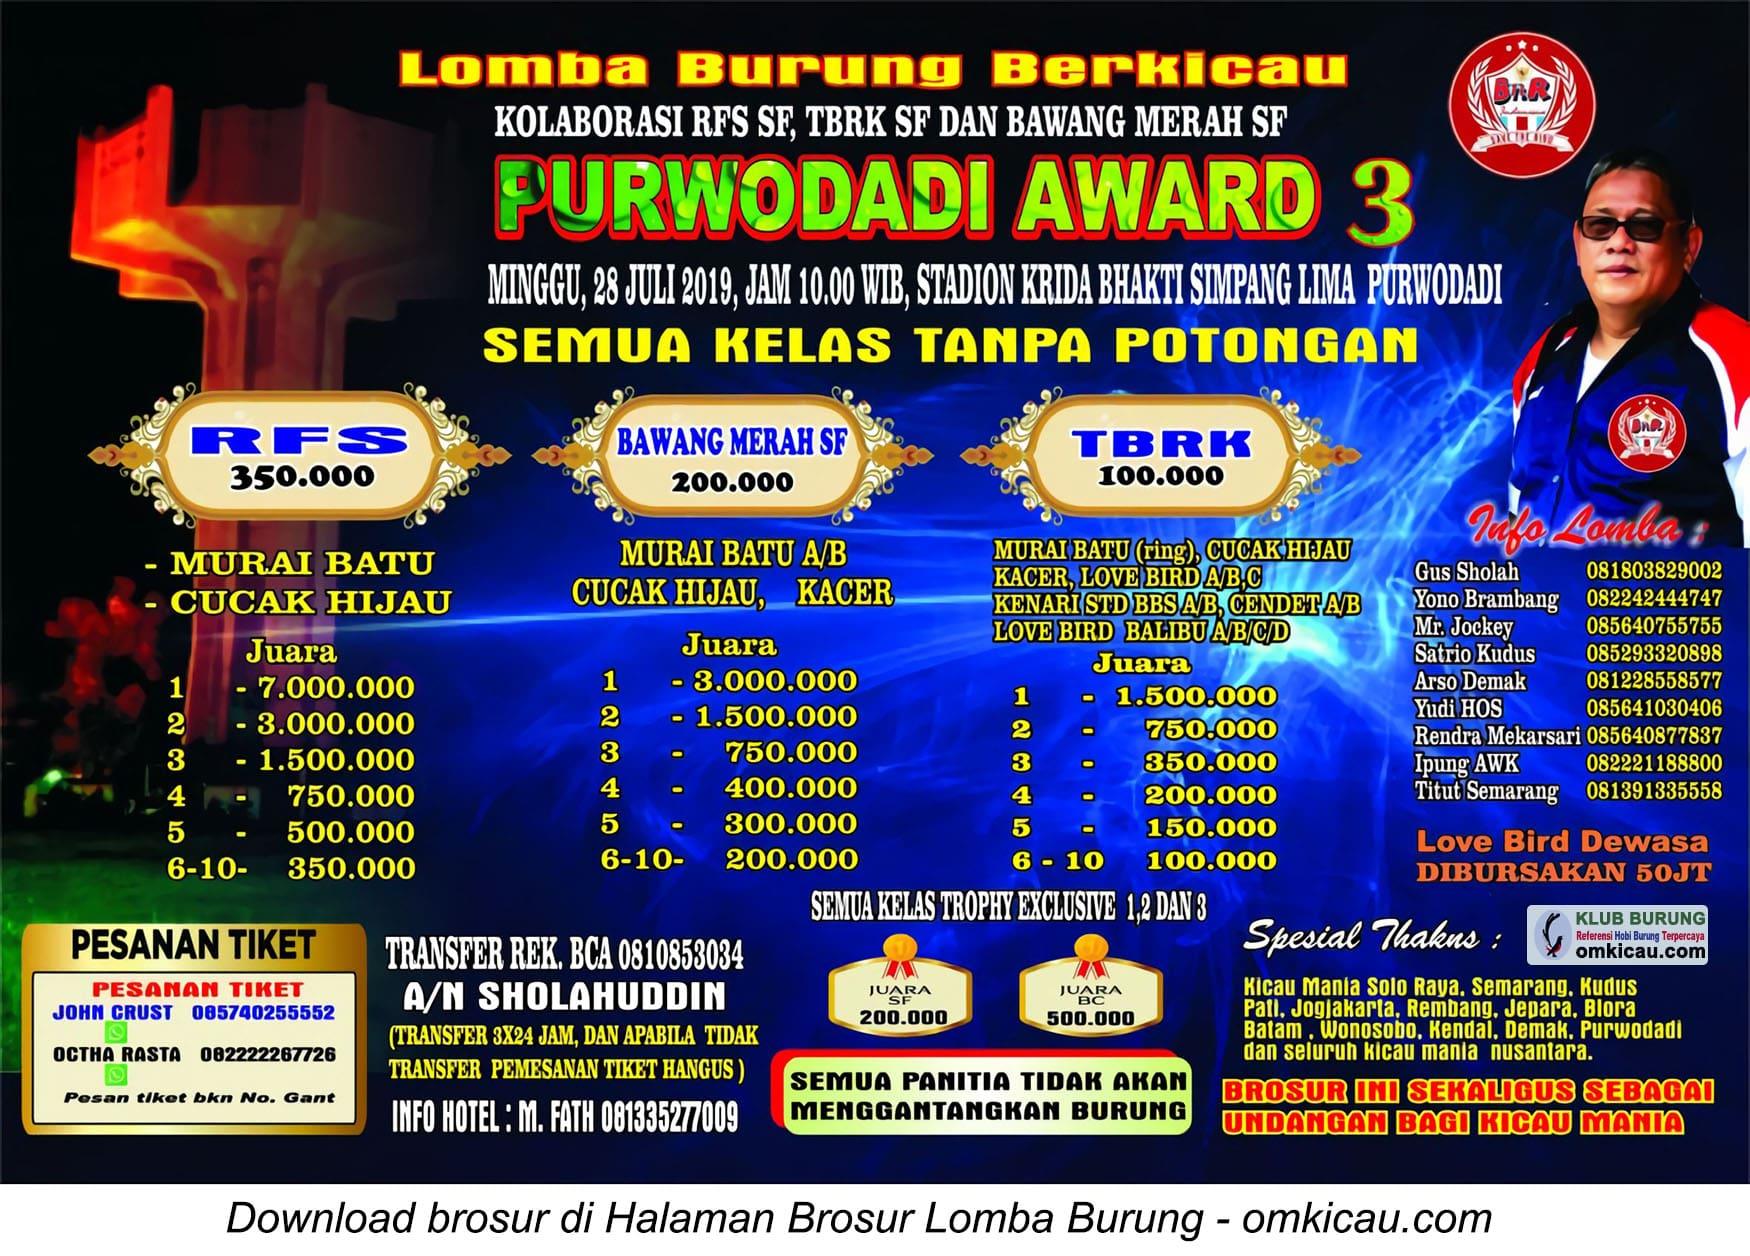 Purwodadi Award 3